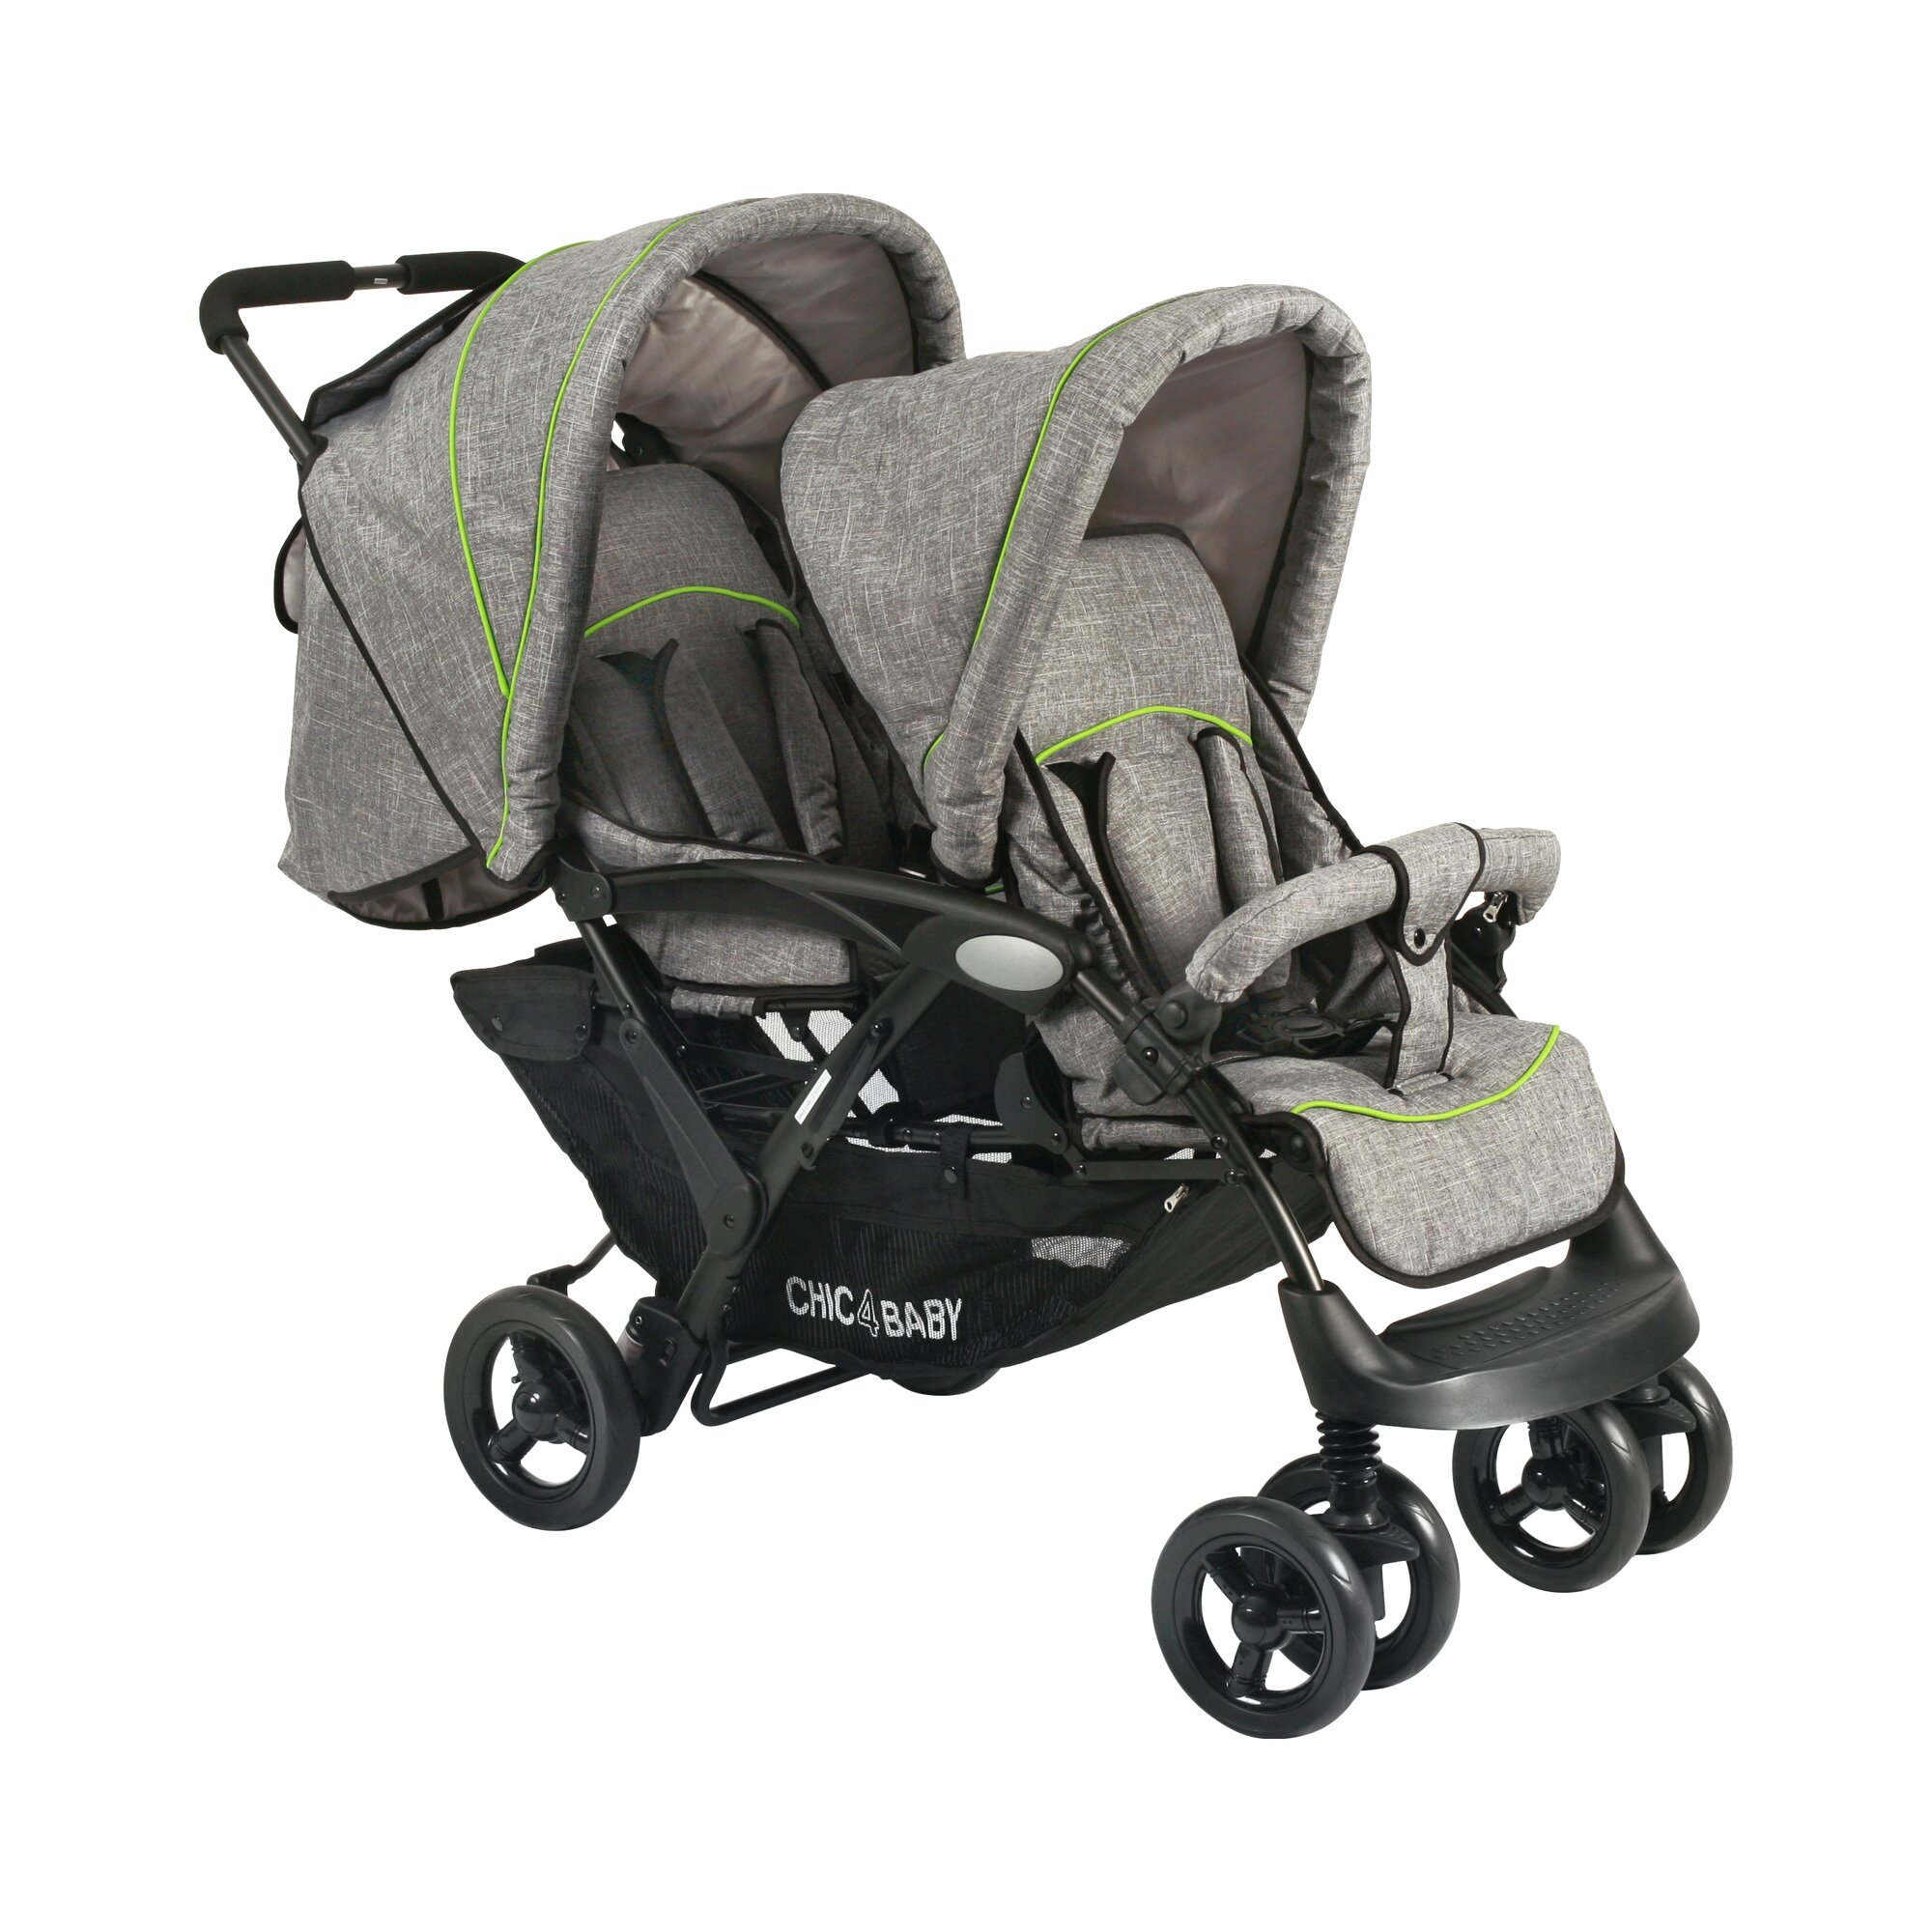 chic-4-baby-duo-zwillings-und-kinderwagen-geschwisterwagen-mit-tragetasche-blau